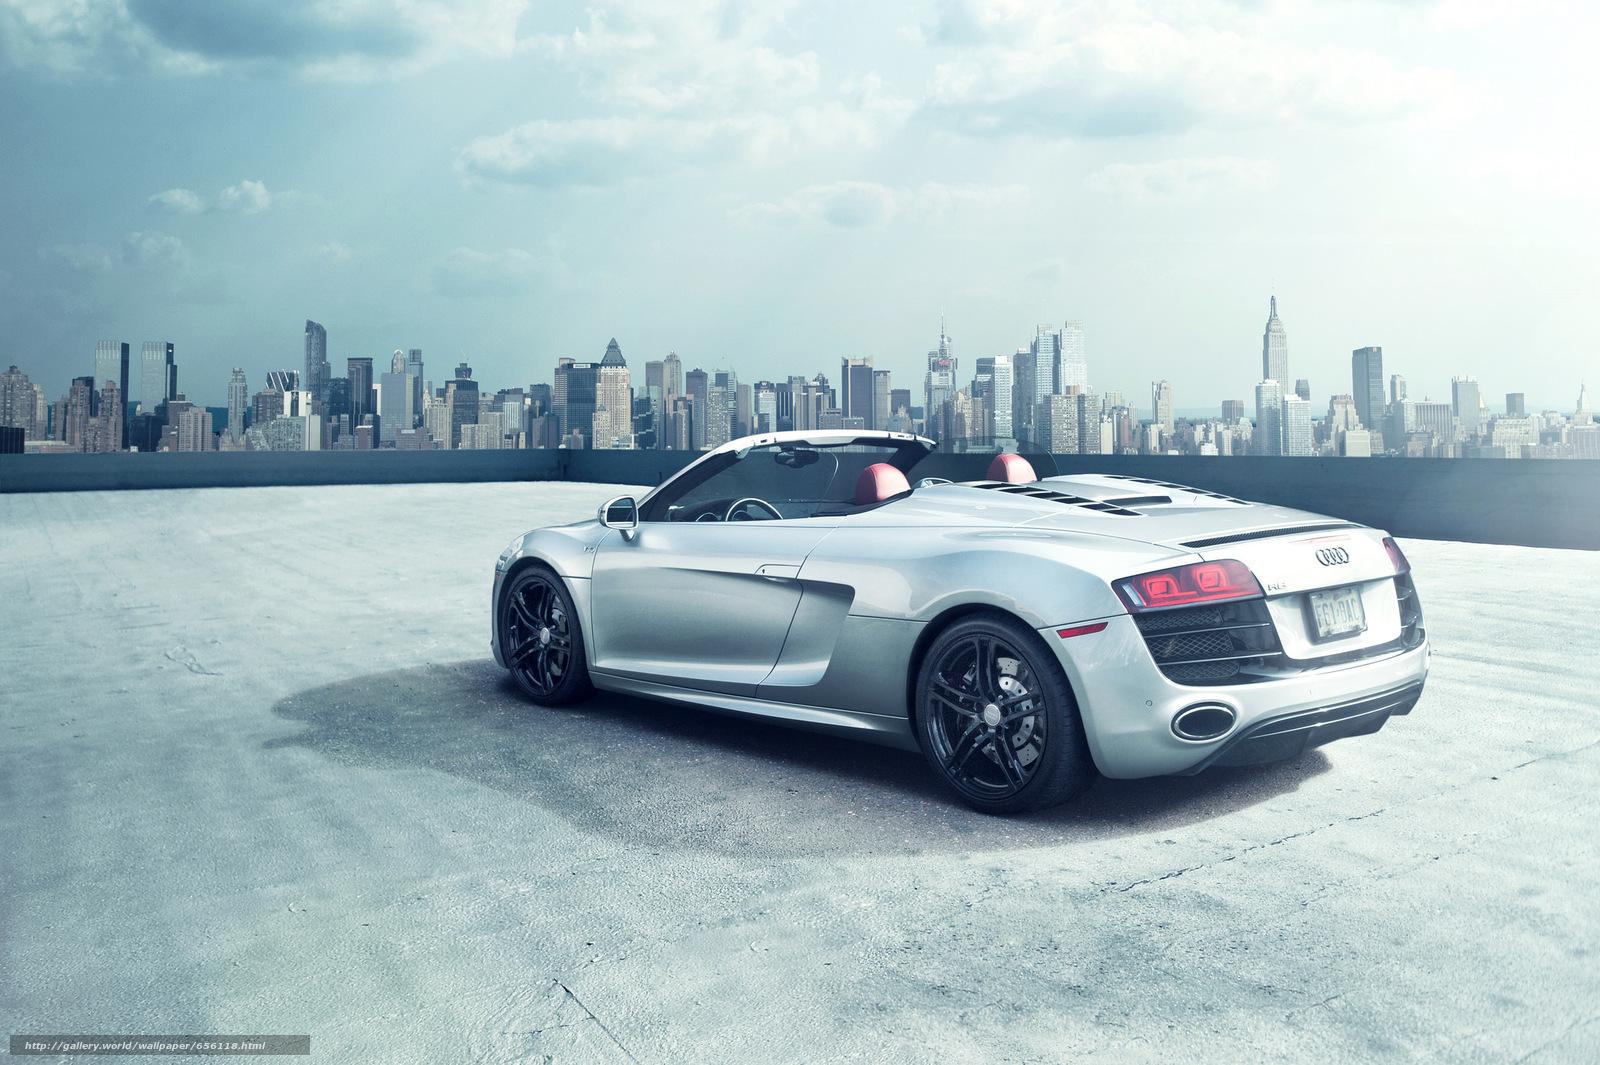 Скачать обои Audi,  машина,  автомобиль бесплатно для рабочего стола в разрешении 2048x1363 — картинка №656118